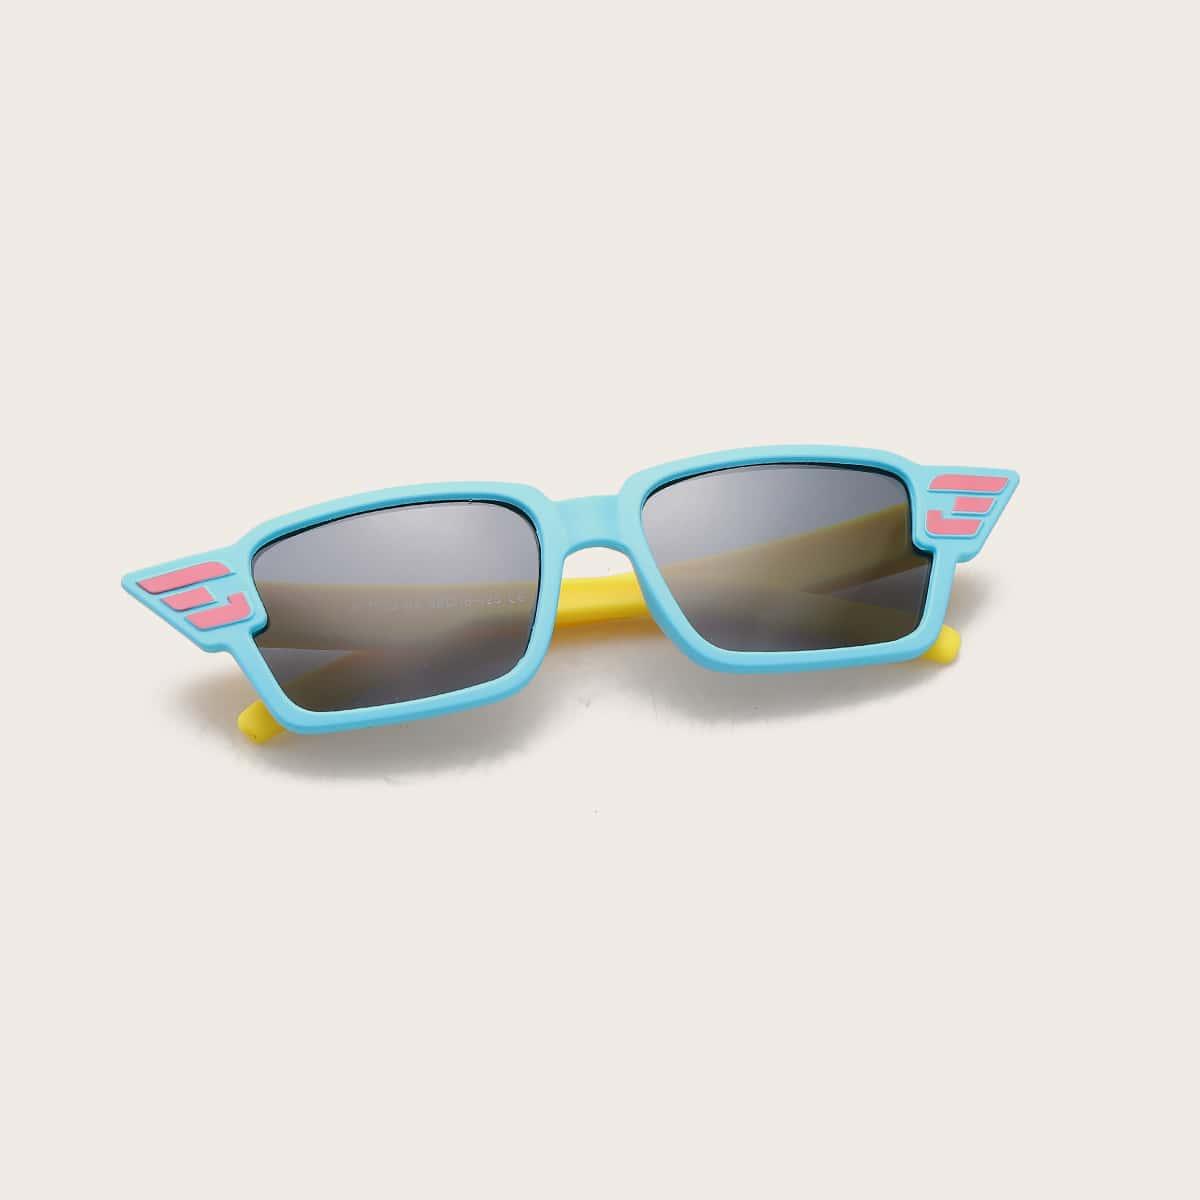 Детские поляризованные солнечные очки в акриловой оправе фото